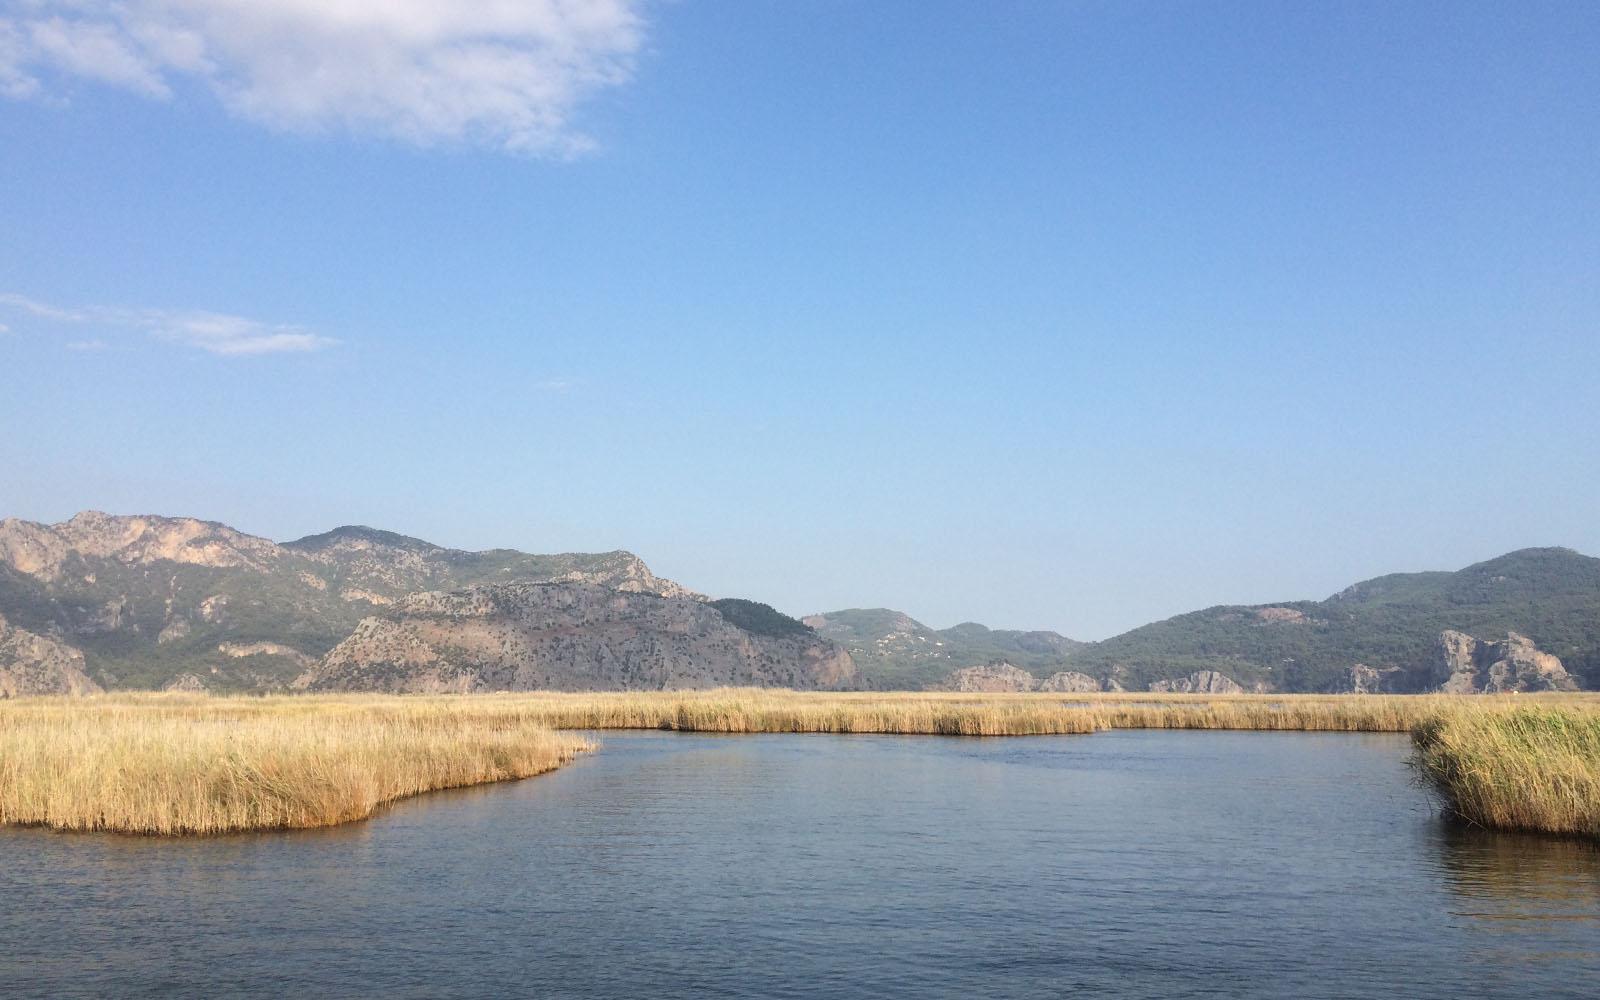 Sul fiume, la suggestiva vegetazione ammirata dalla barca.